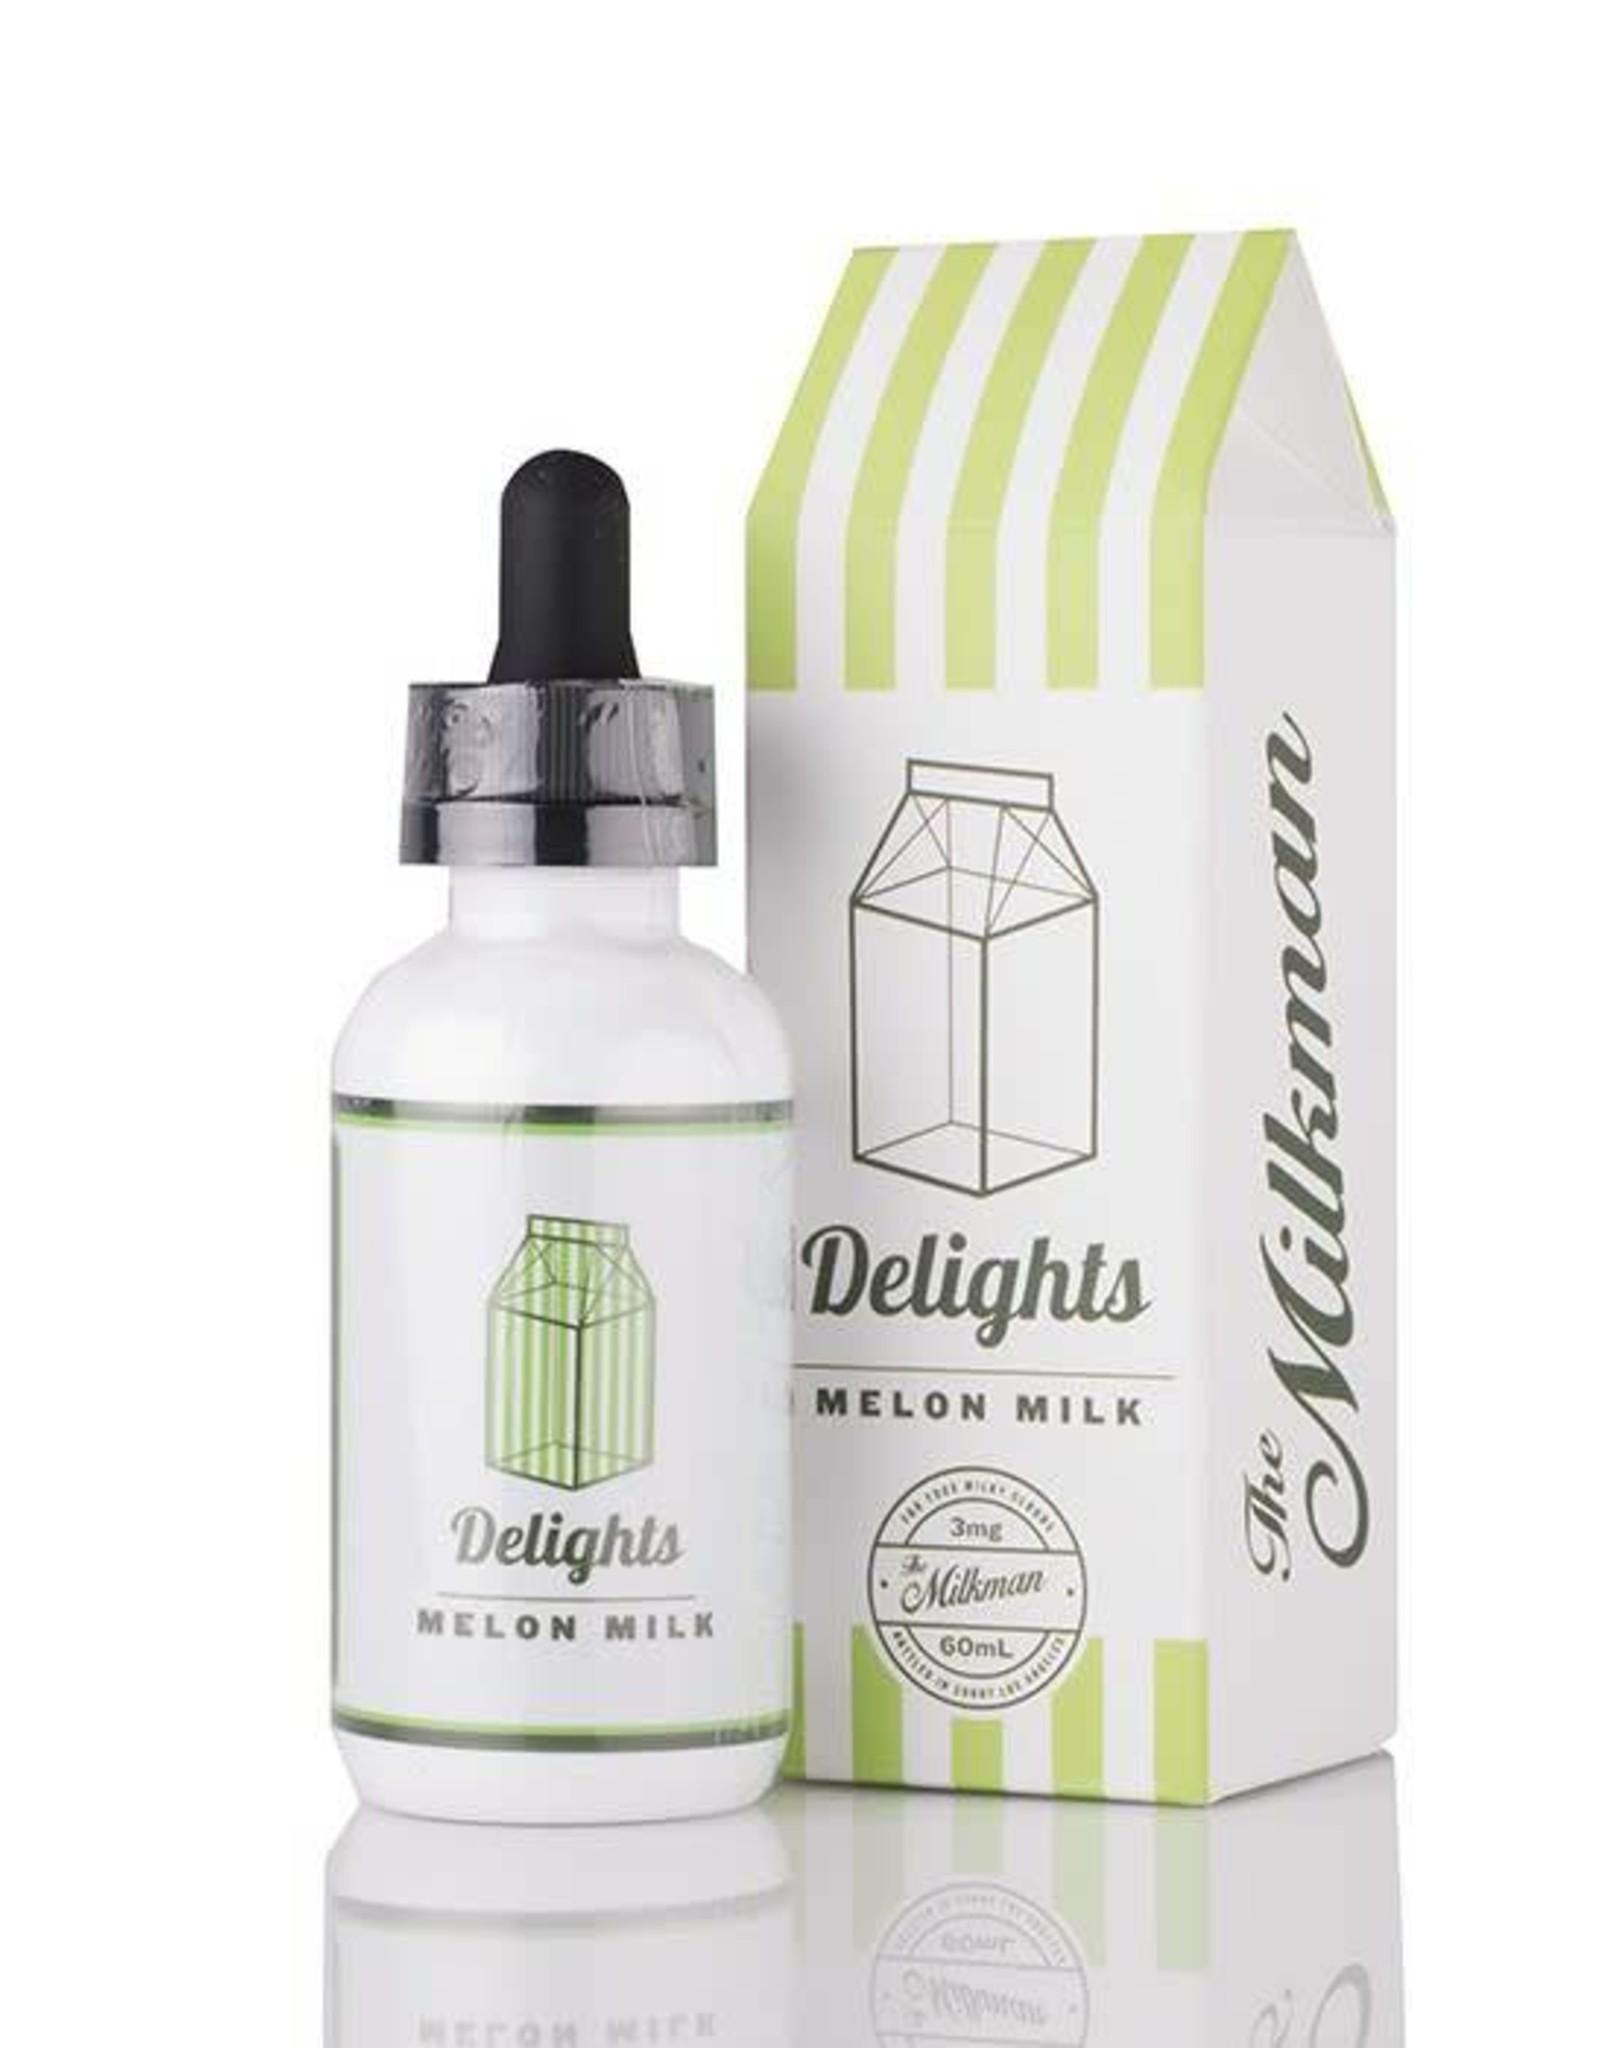 The Milkman - Melon Milk (60mL)